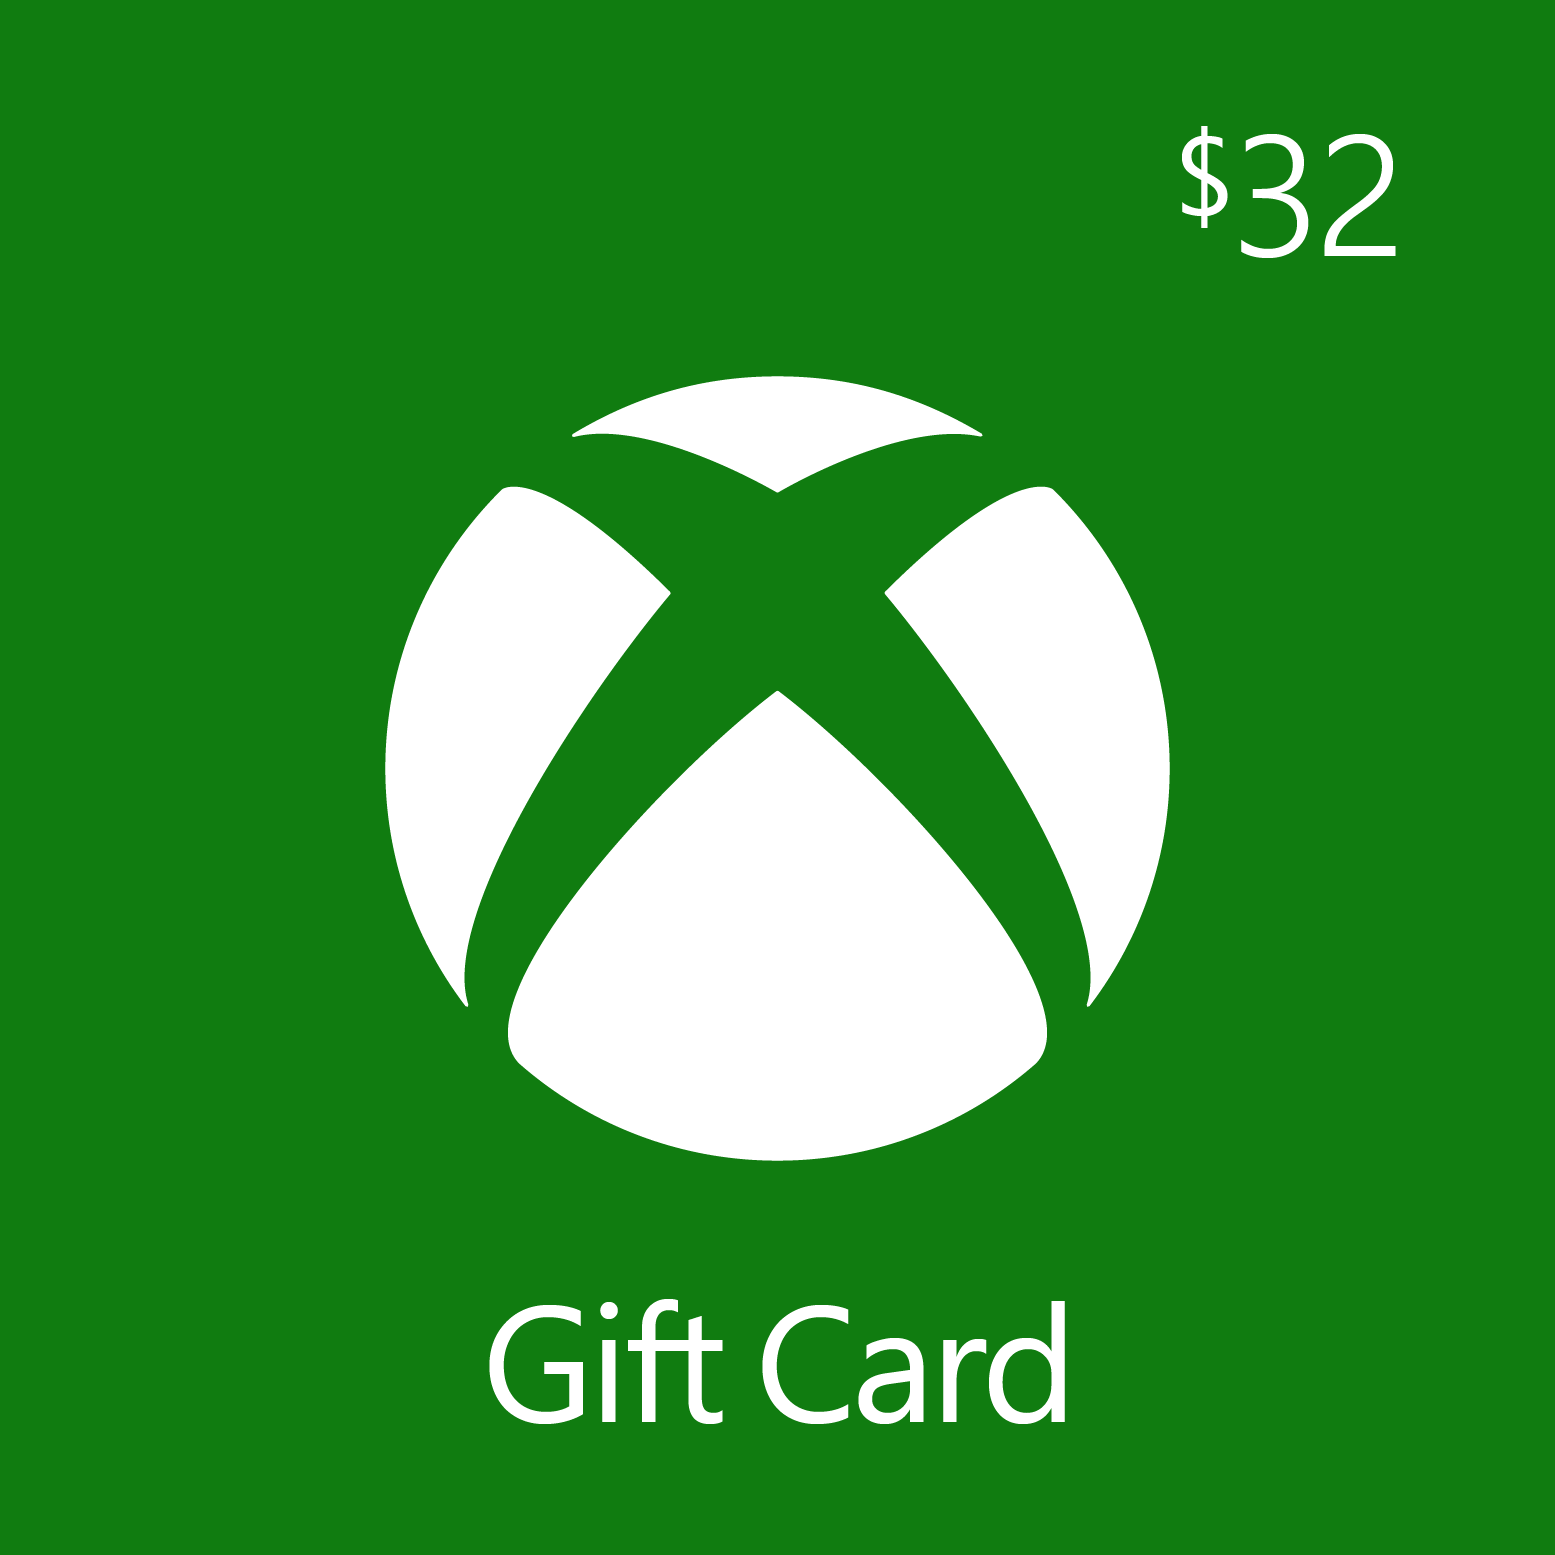 $32.00 Xbox Digital Gift Card